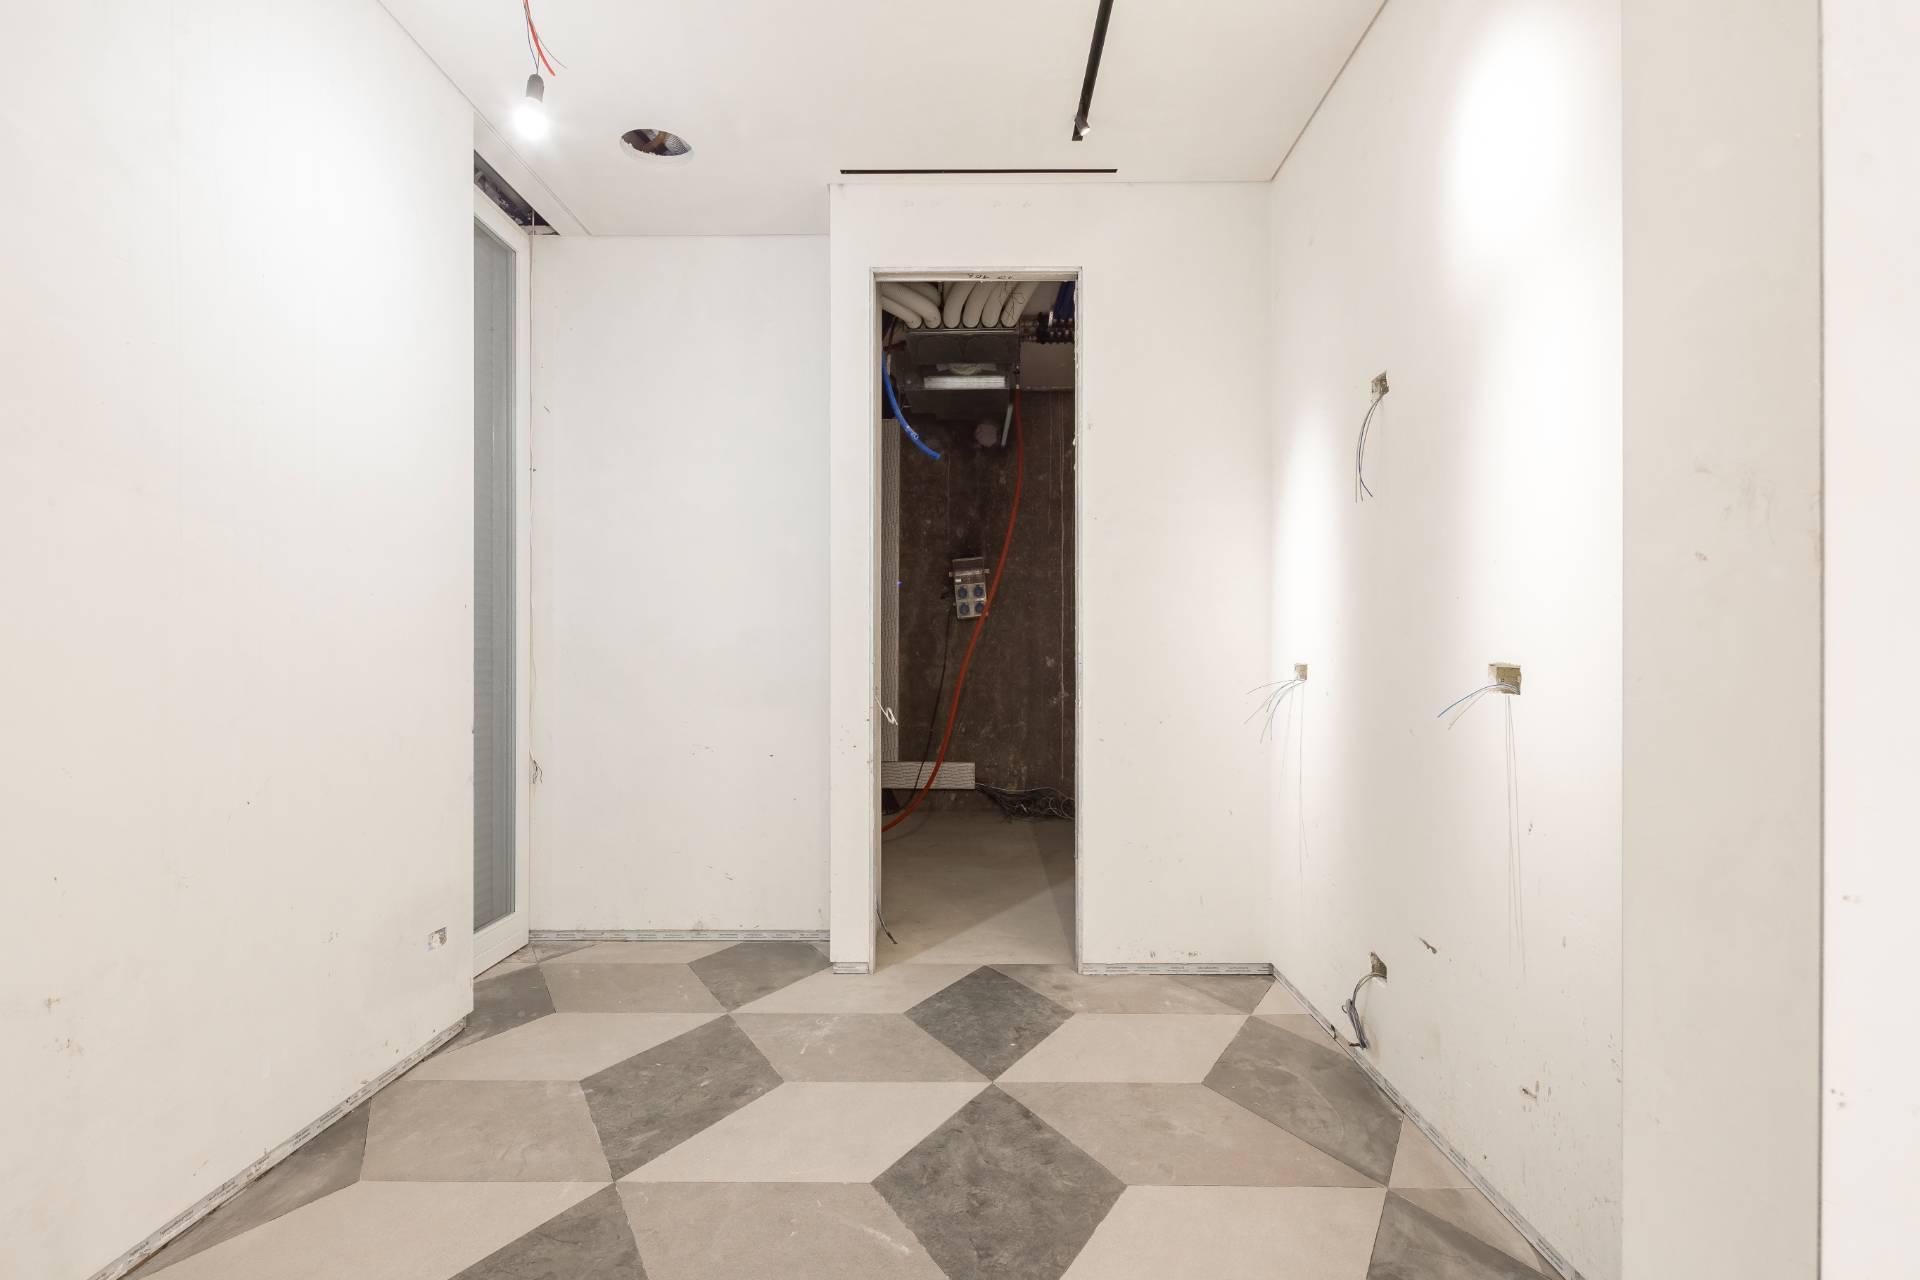 Appartamento signorile in Via Mascagni - 10